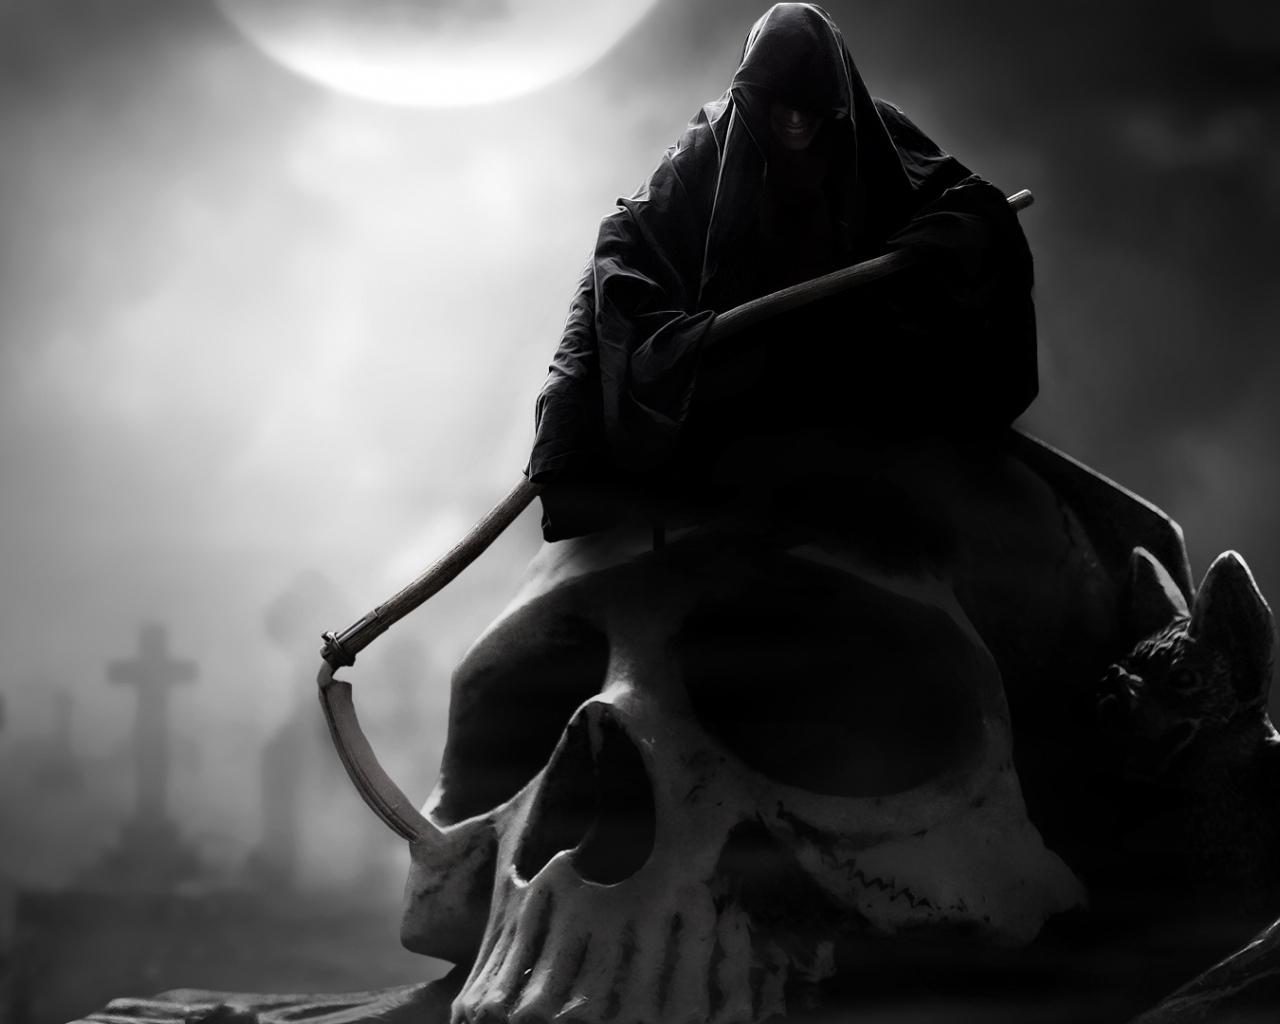 21701 Заставки и Обои Смерть на телефон. Скачать Фэнтези, Смерть, Скелеты картинки бесплатно